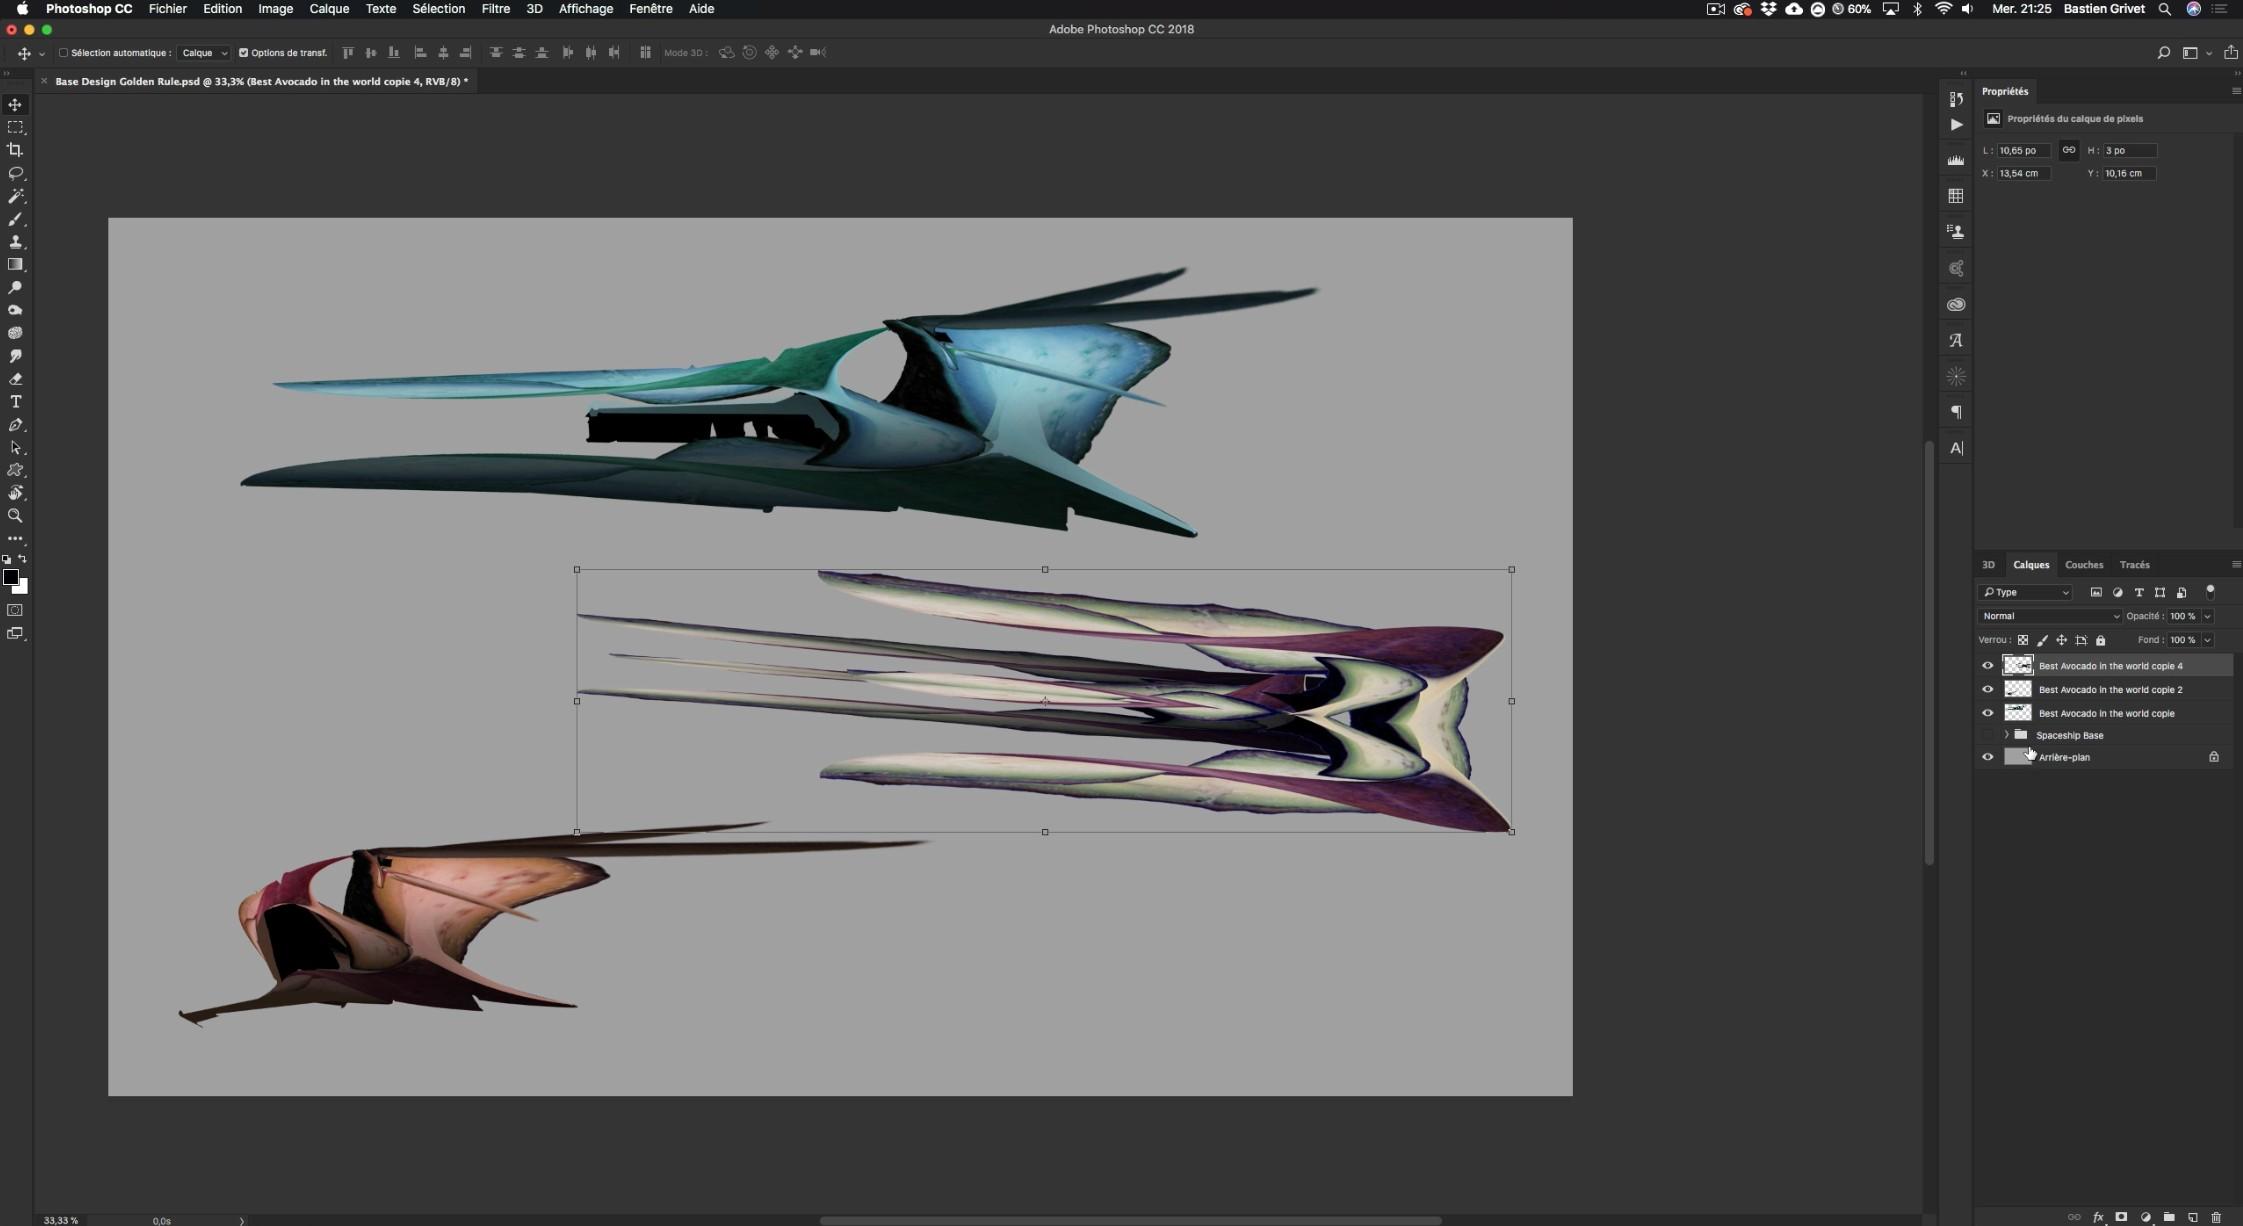 TUTO Spaceship Design : L'approche simplifiée avec Photoshop CC sur Tuto com